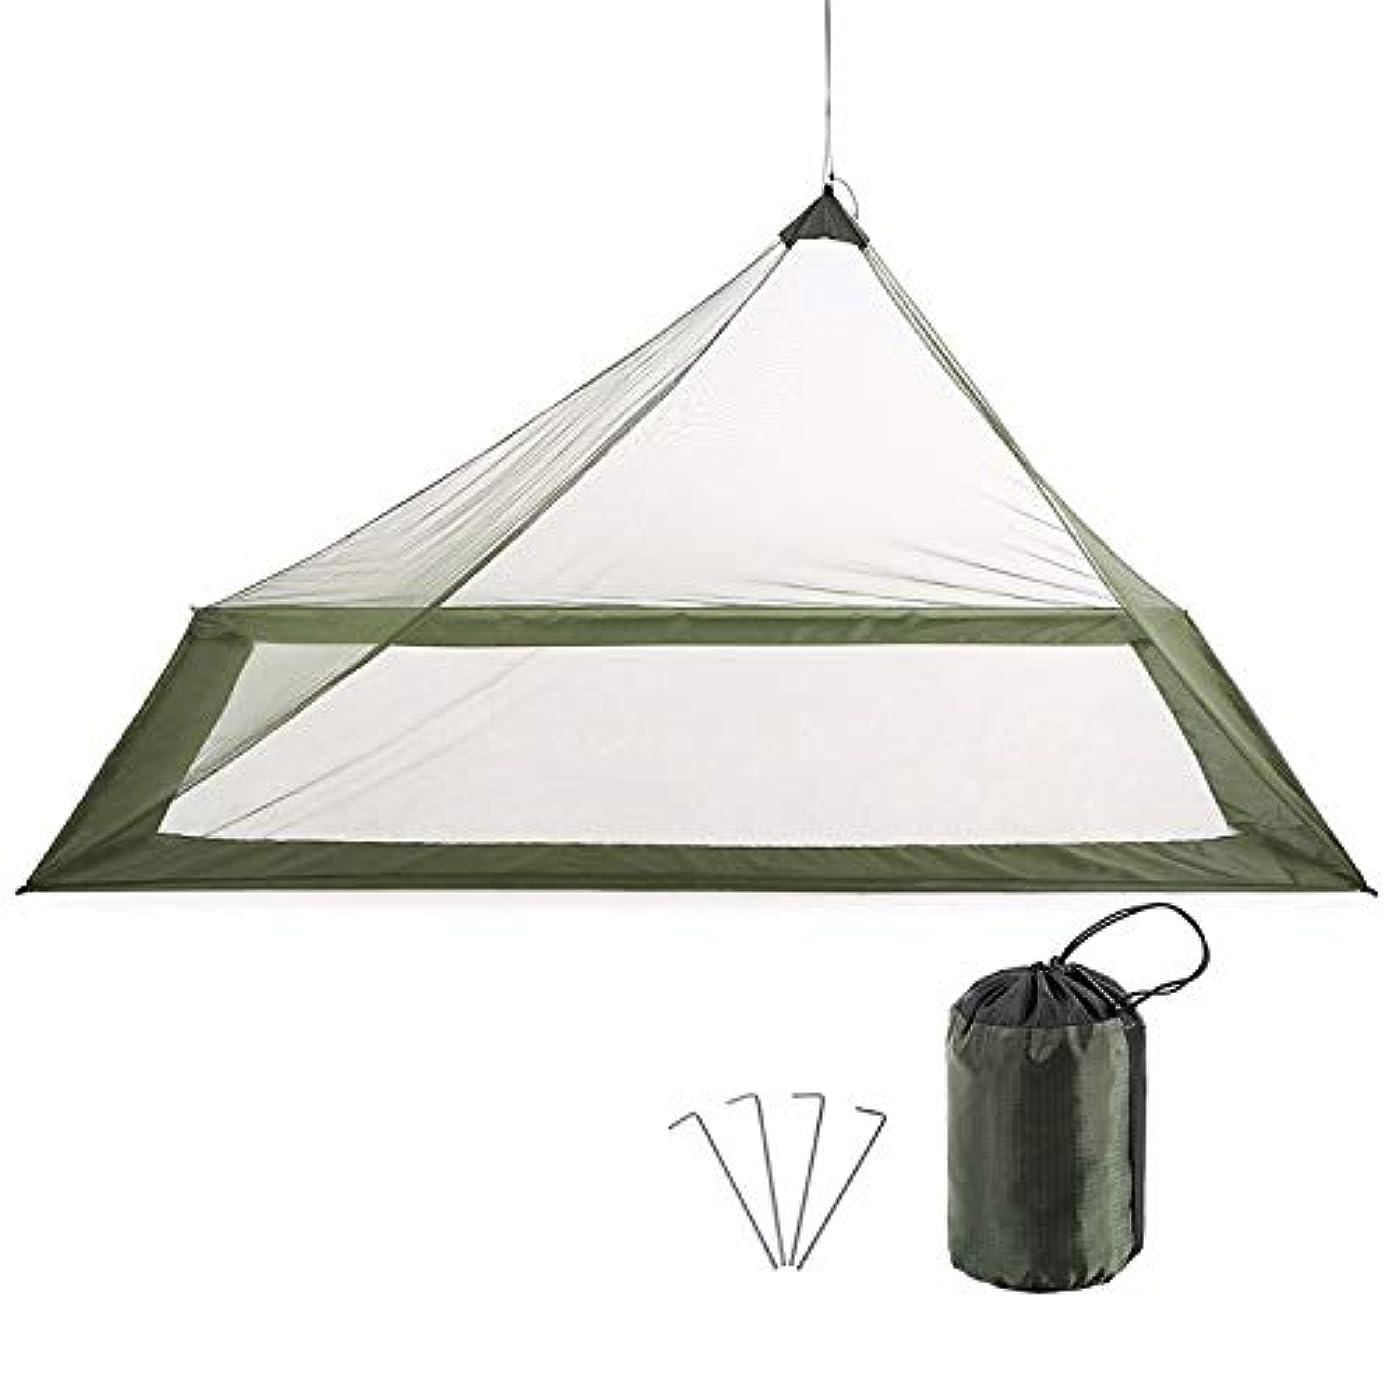 タイムリーなビリー対立ビーチテント アウトドア キャンプ テント 超軽量 蚊帳 テント 虫 ハチ よけ メッシュ ネット 虫 メッシュガード サマー アウトドア テント